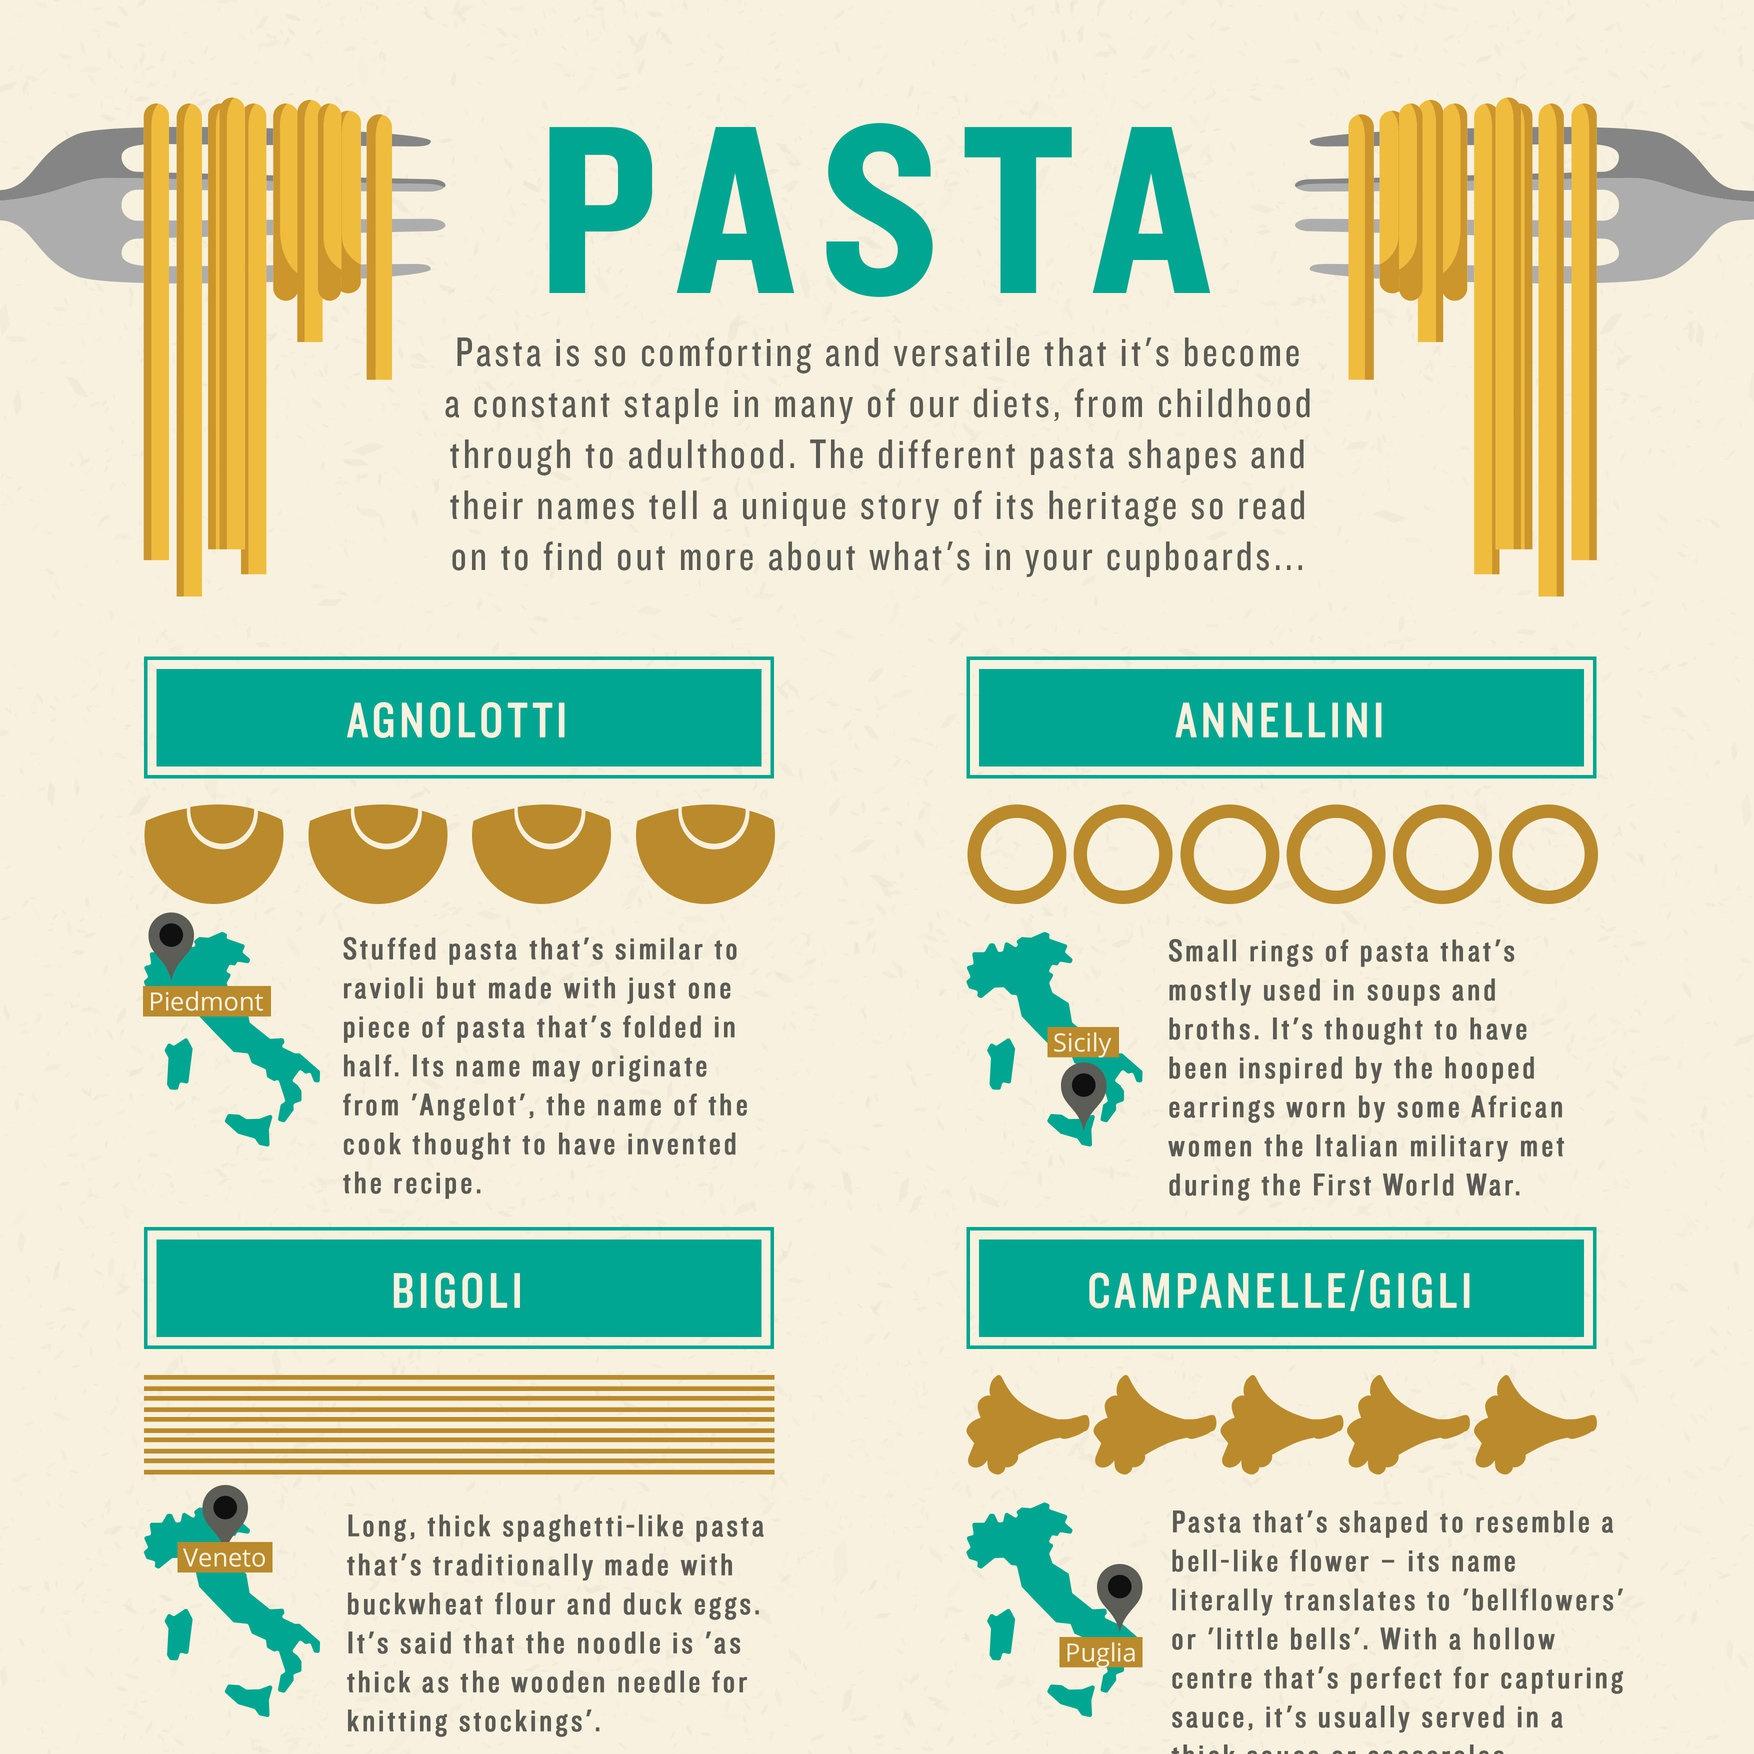 jamie u0026 39 s italian pasta